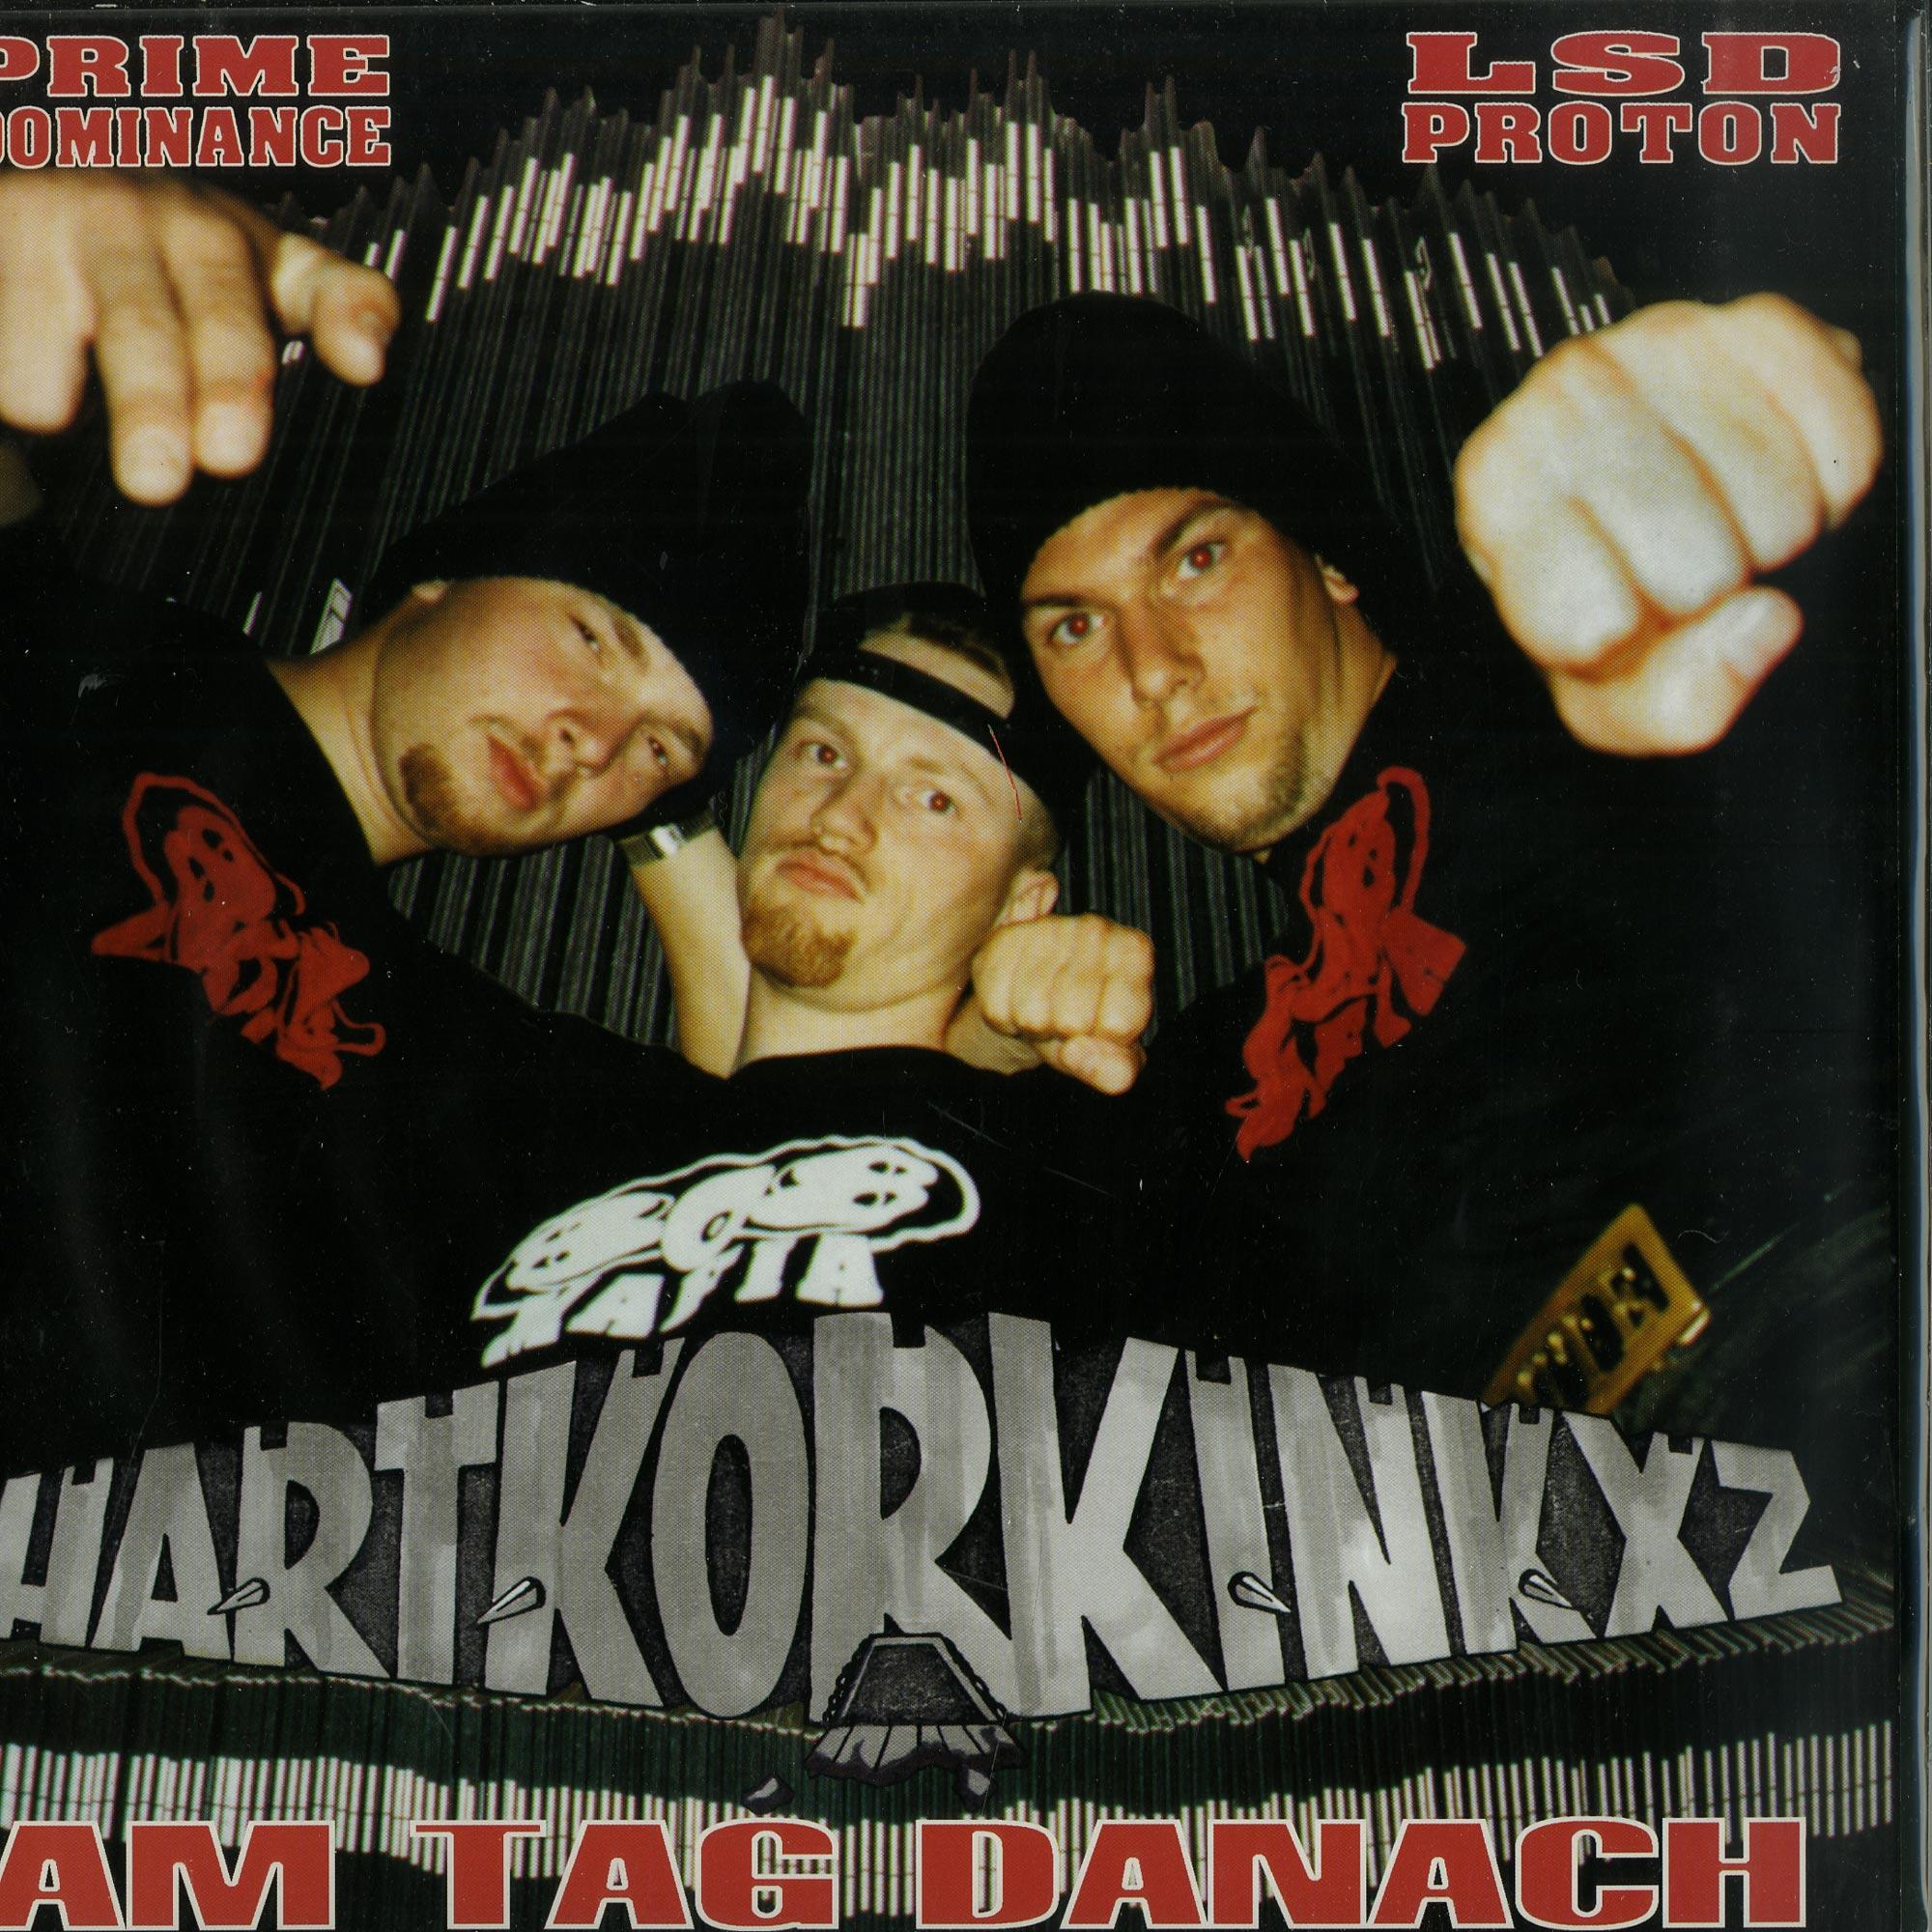 Hartkorkinkxz / 808 Mafia - AM TAG DANACH